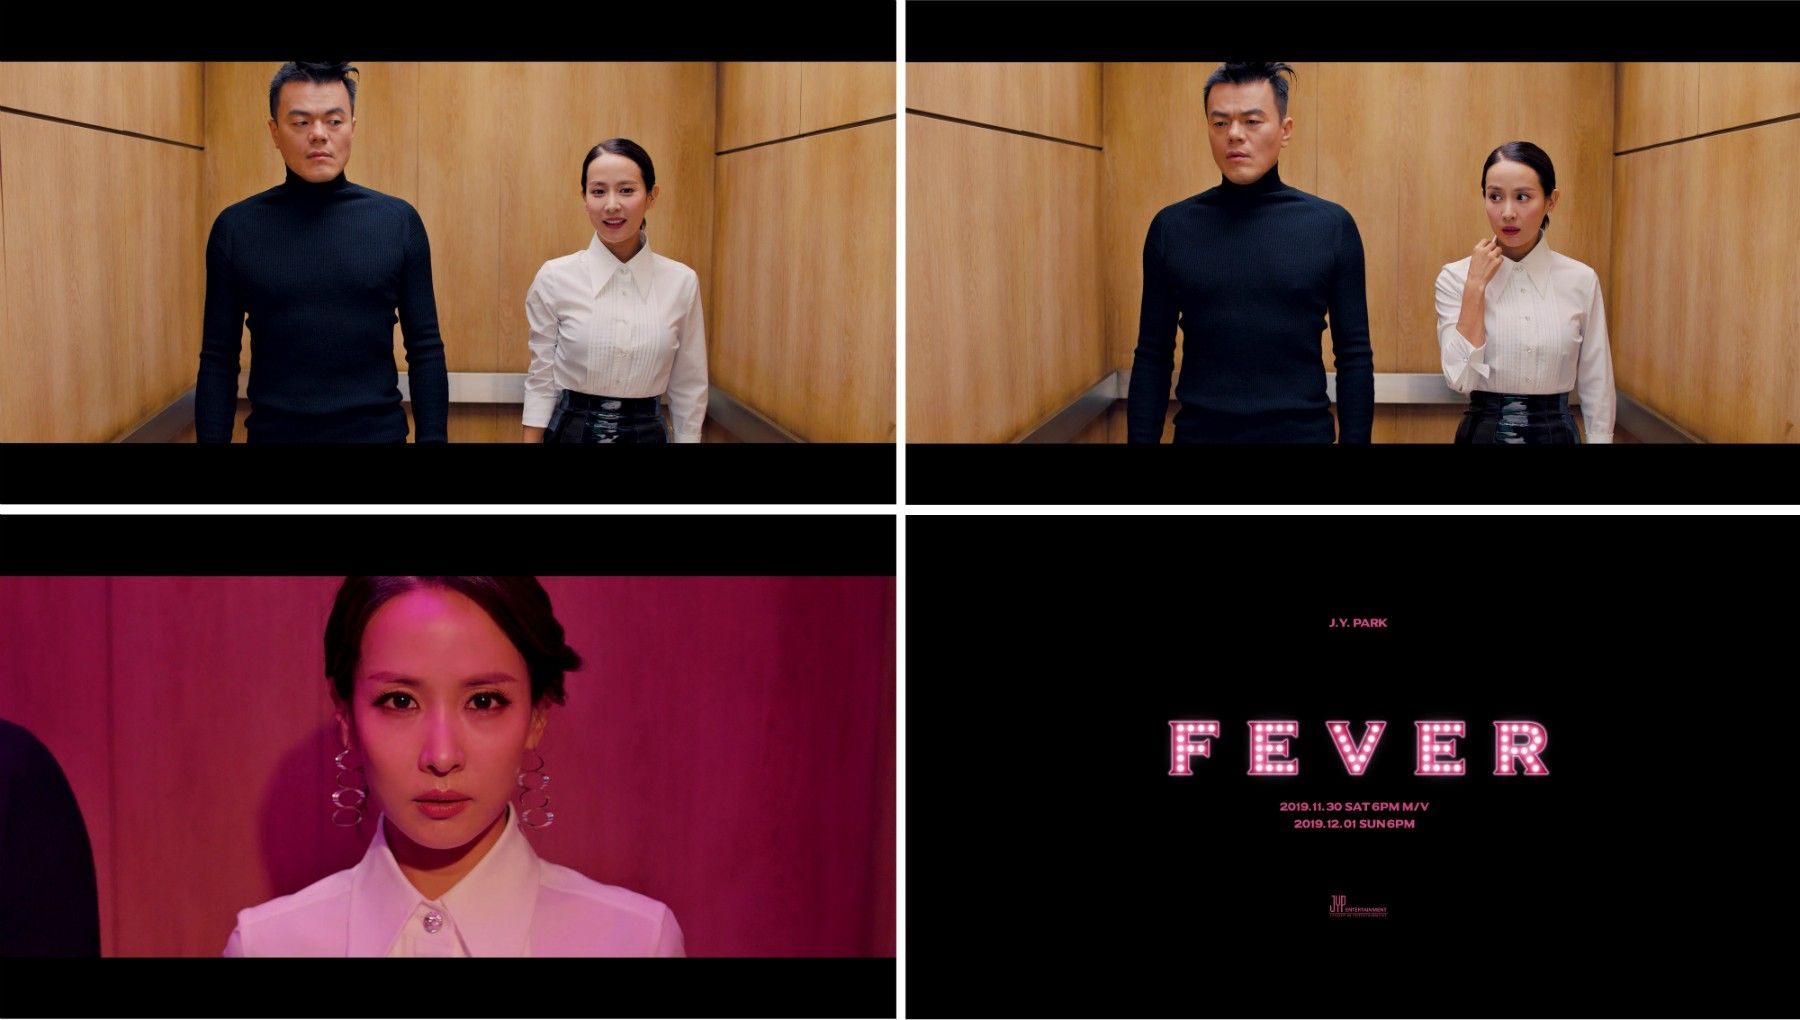 박진영, 신곡 '피버' MV 티저 공개…조여정 도발적 변화 '눈길'_이미지